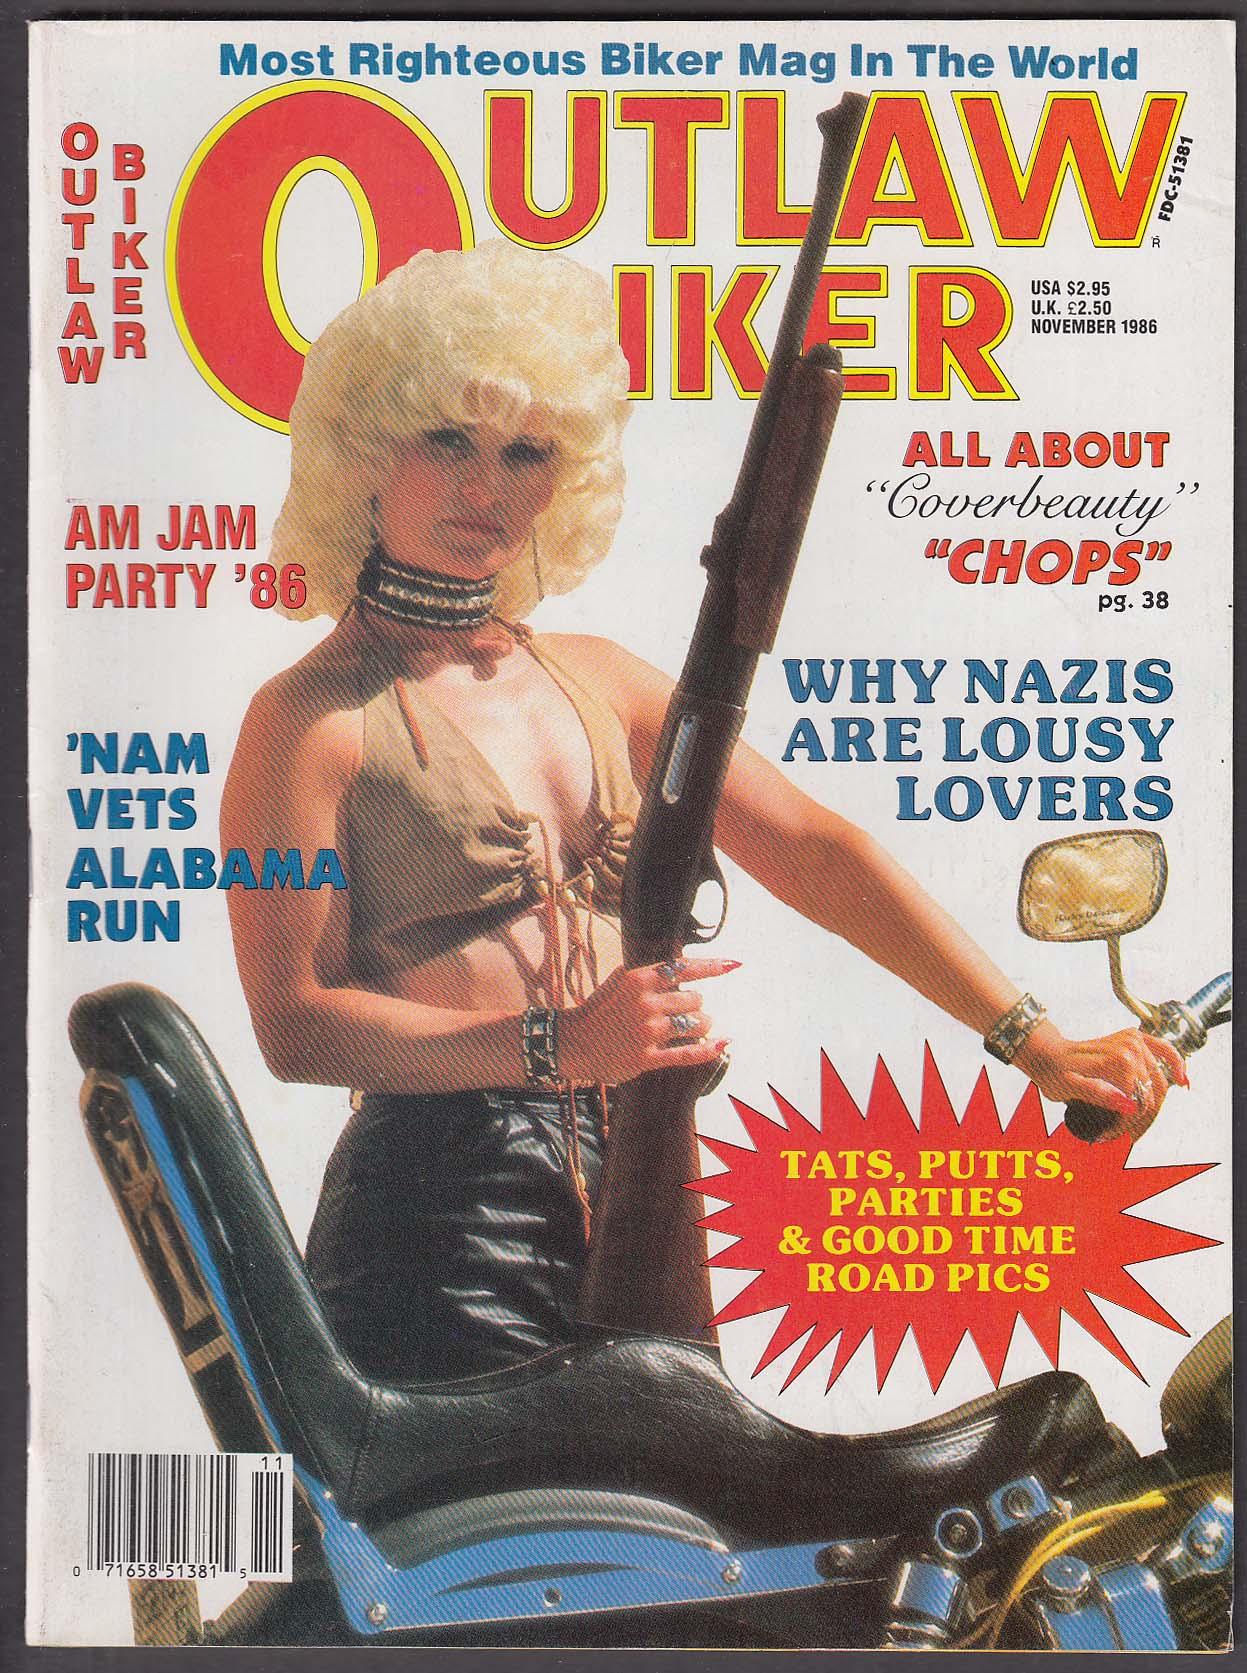 OUTLAW BIKER Am Jam Party Vietnam Veterans Alabama ++ 11 1986